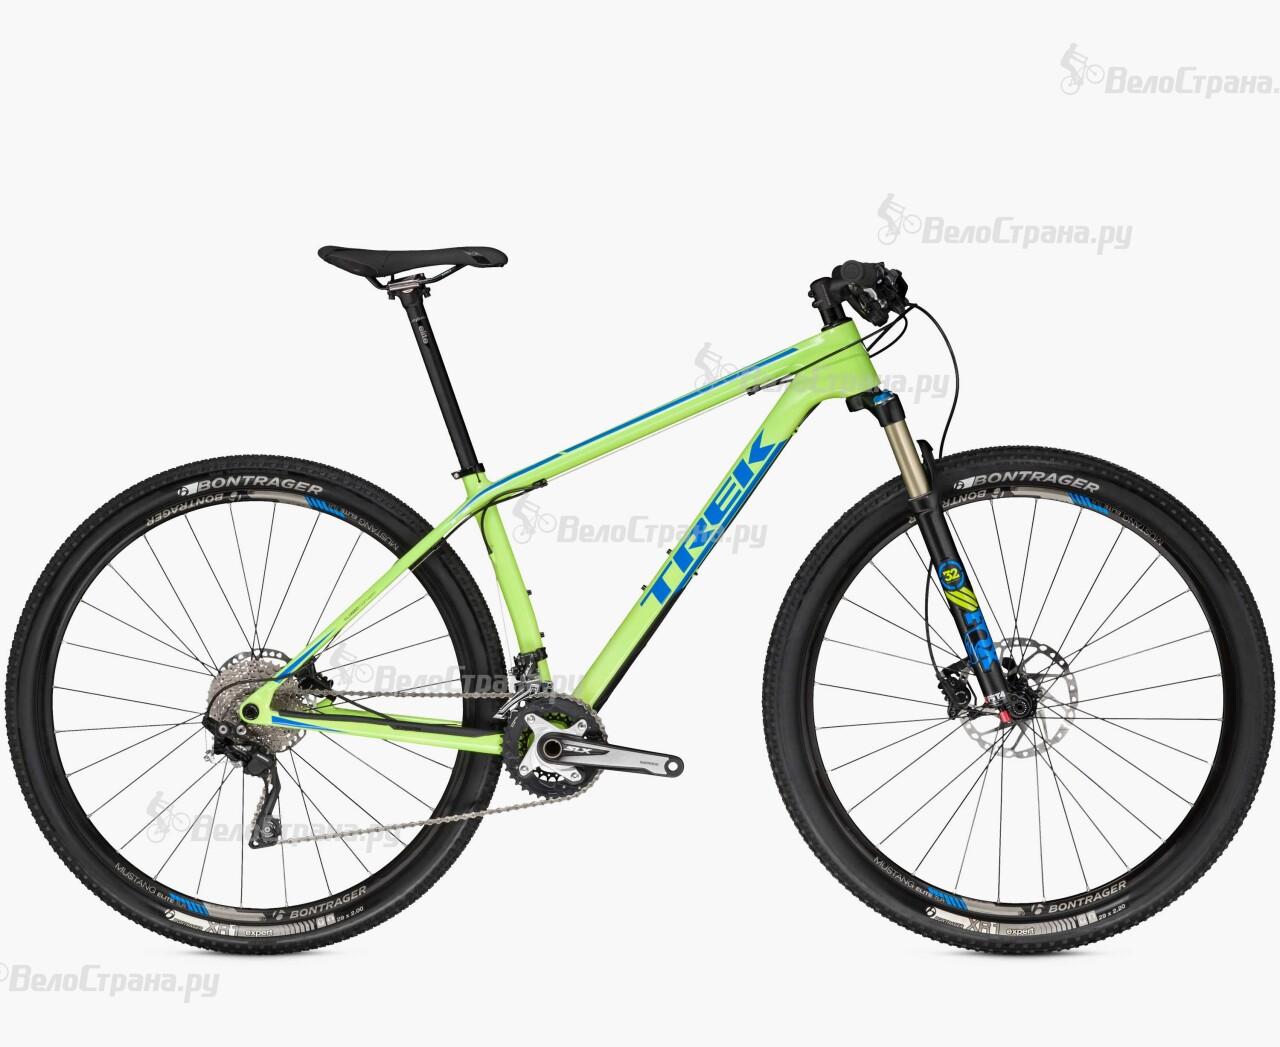 Велосипед Trek Superfly 9.7 29 (2016) рюкзак caribee trek цвет черный 32 л